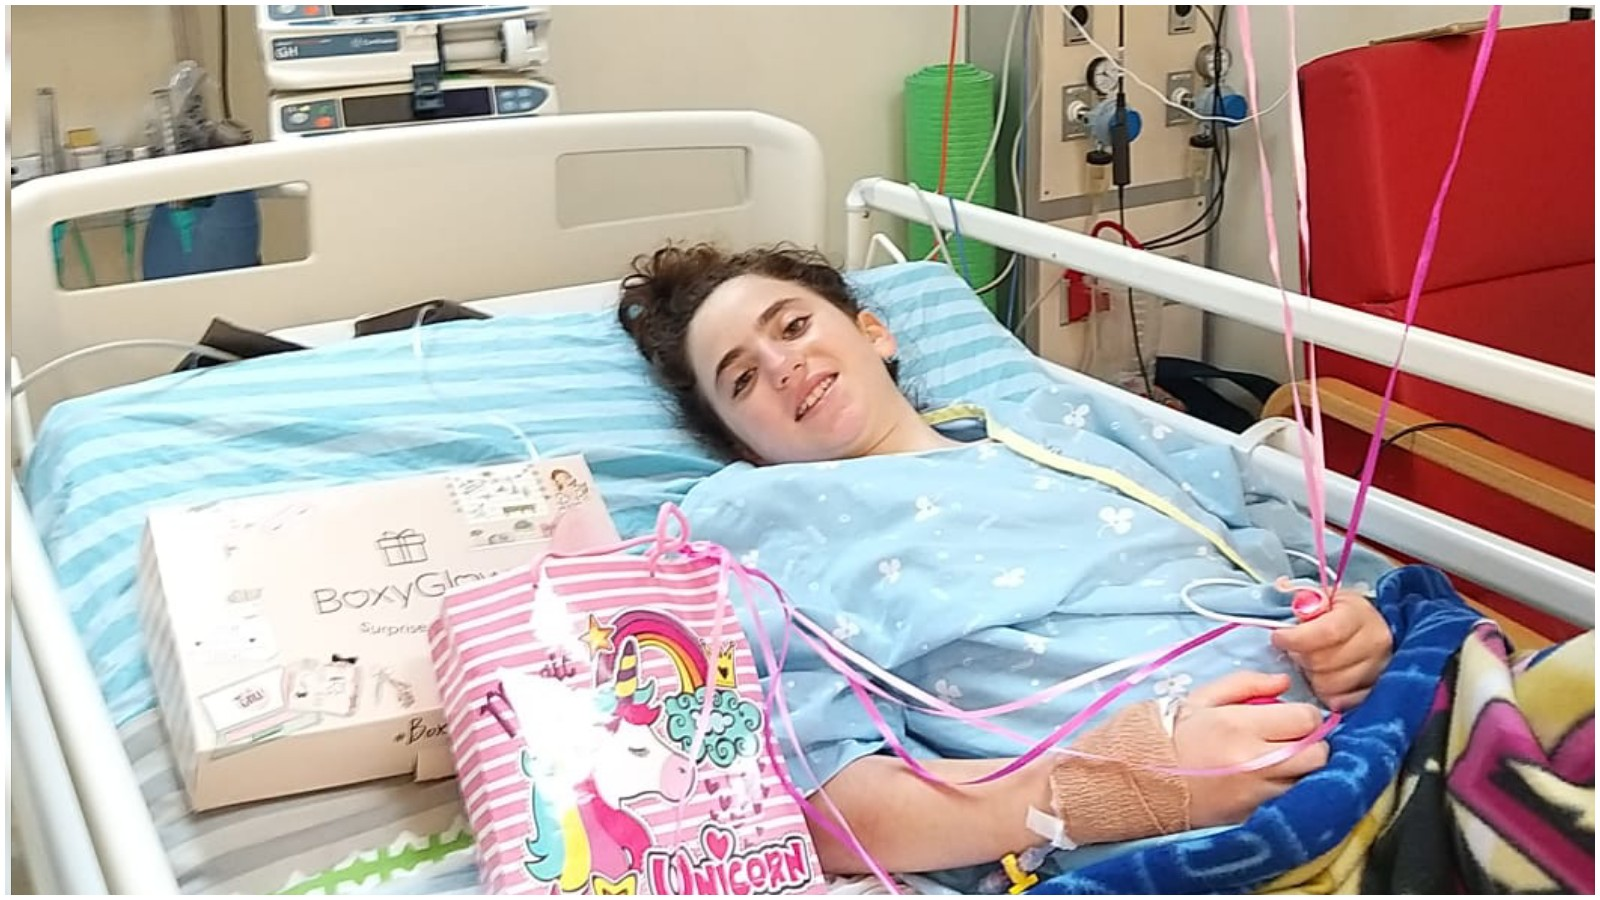 קימי שוורץ. צילום באדיבות בית החולים